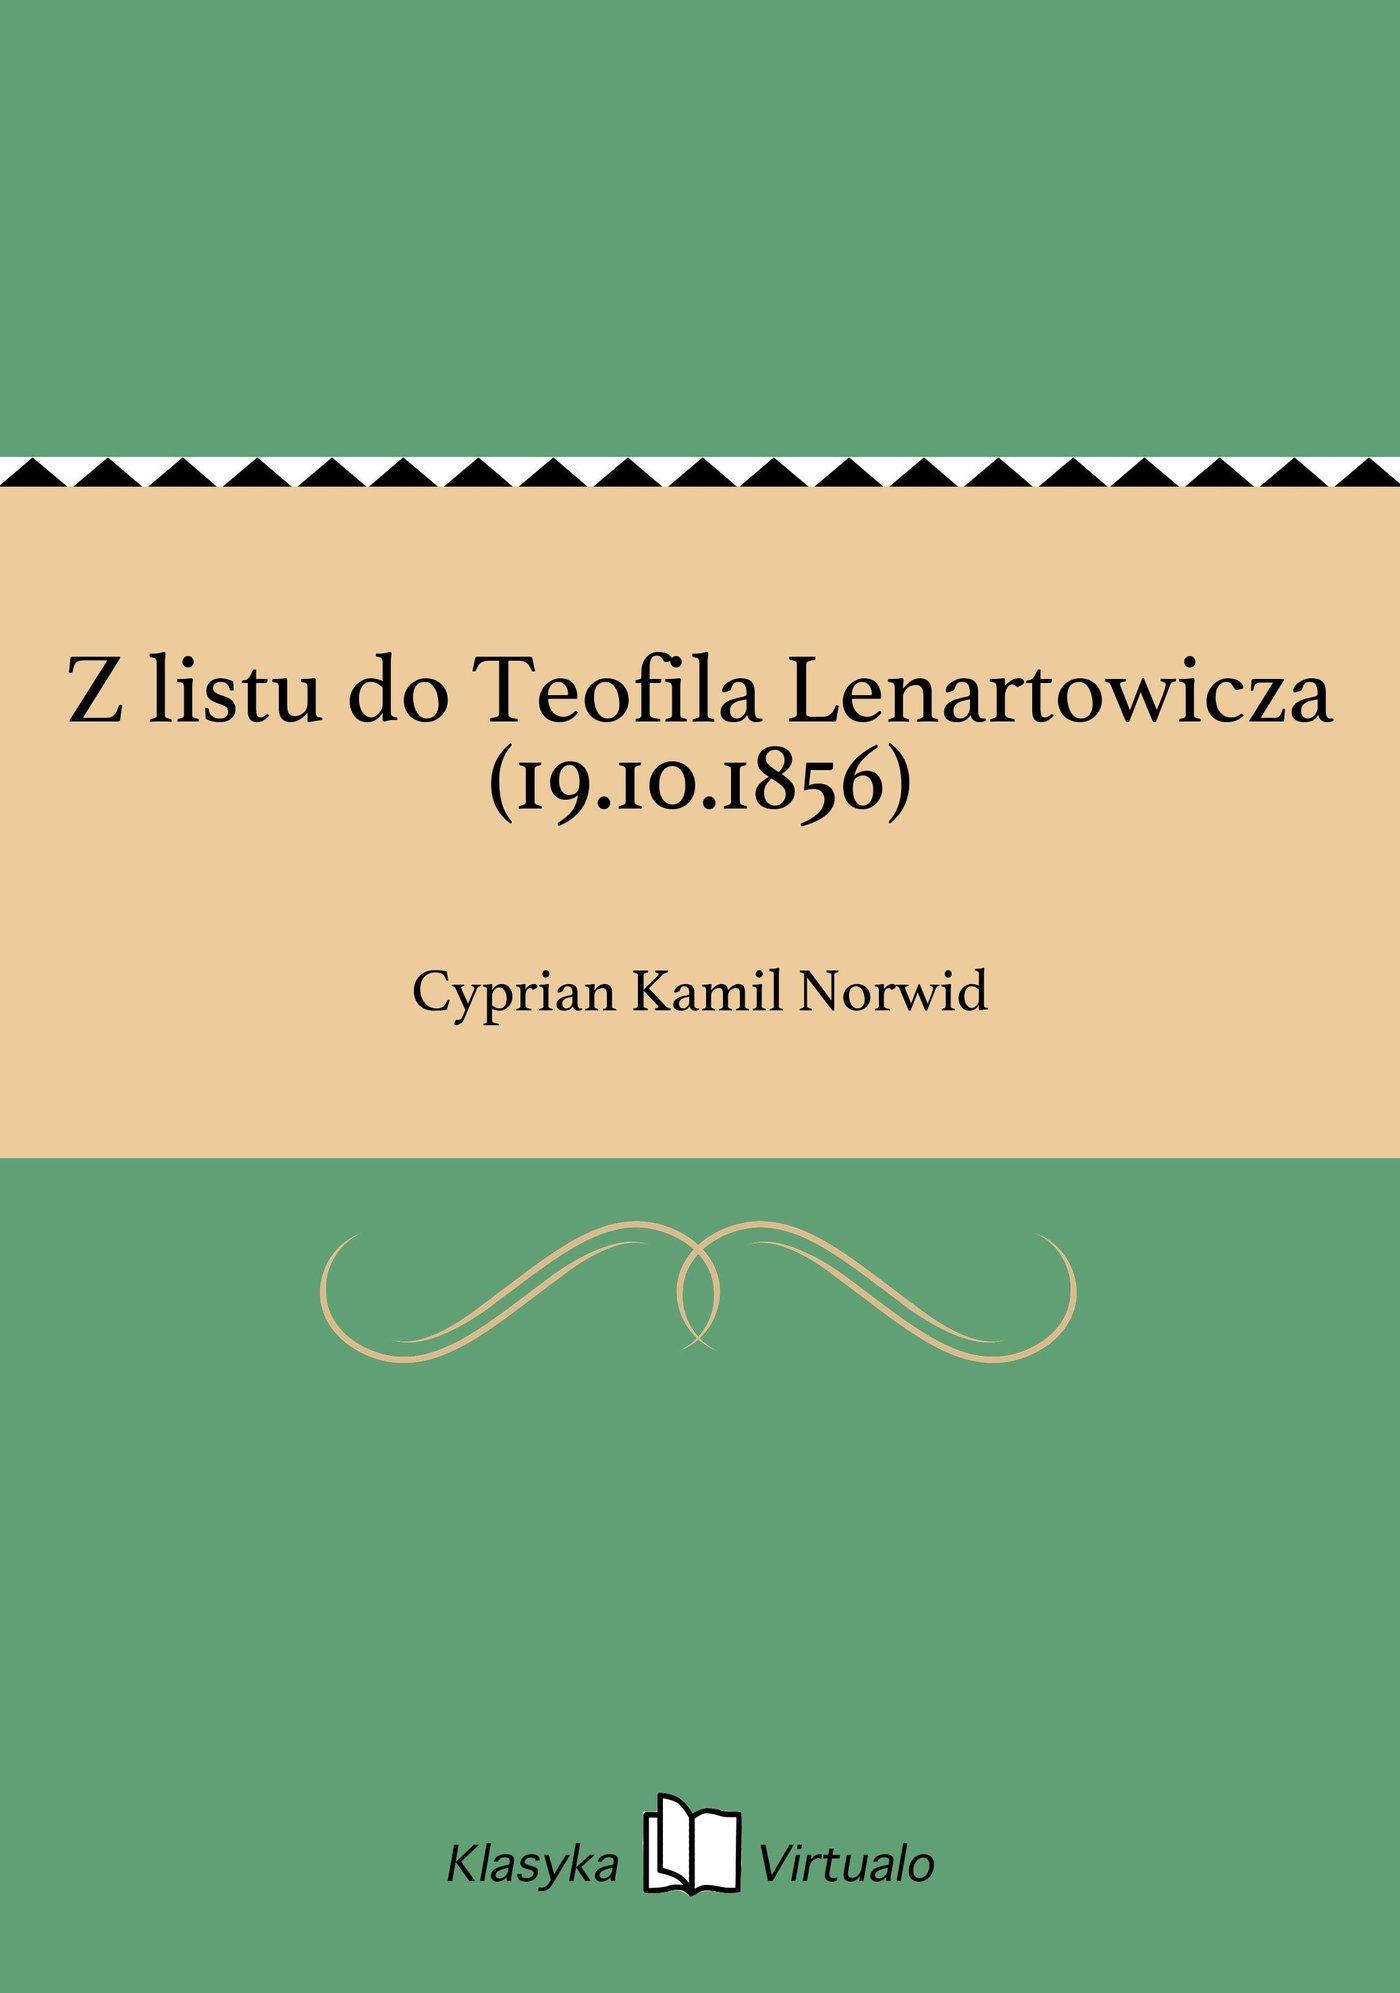 Z listu do Teofila Lenartowicza (19.10.1856) - Ebook (Książka EPUB) do pobrania w formacie EPUB